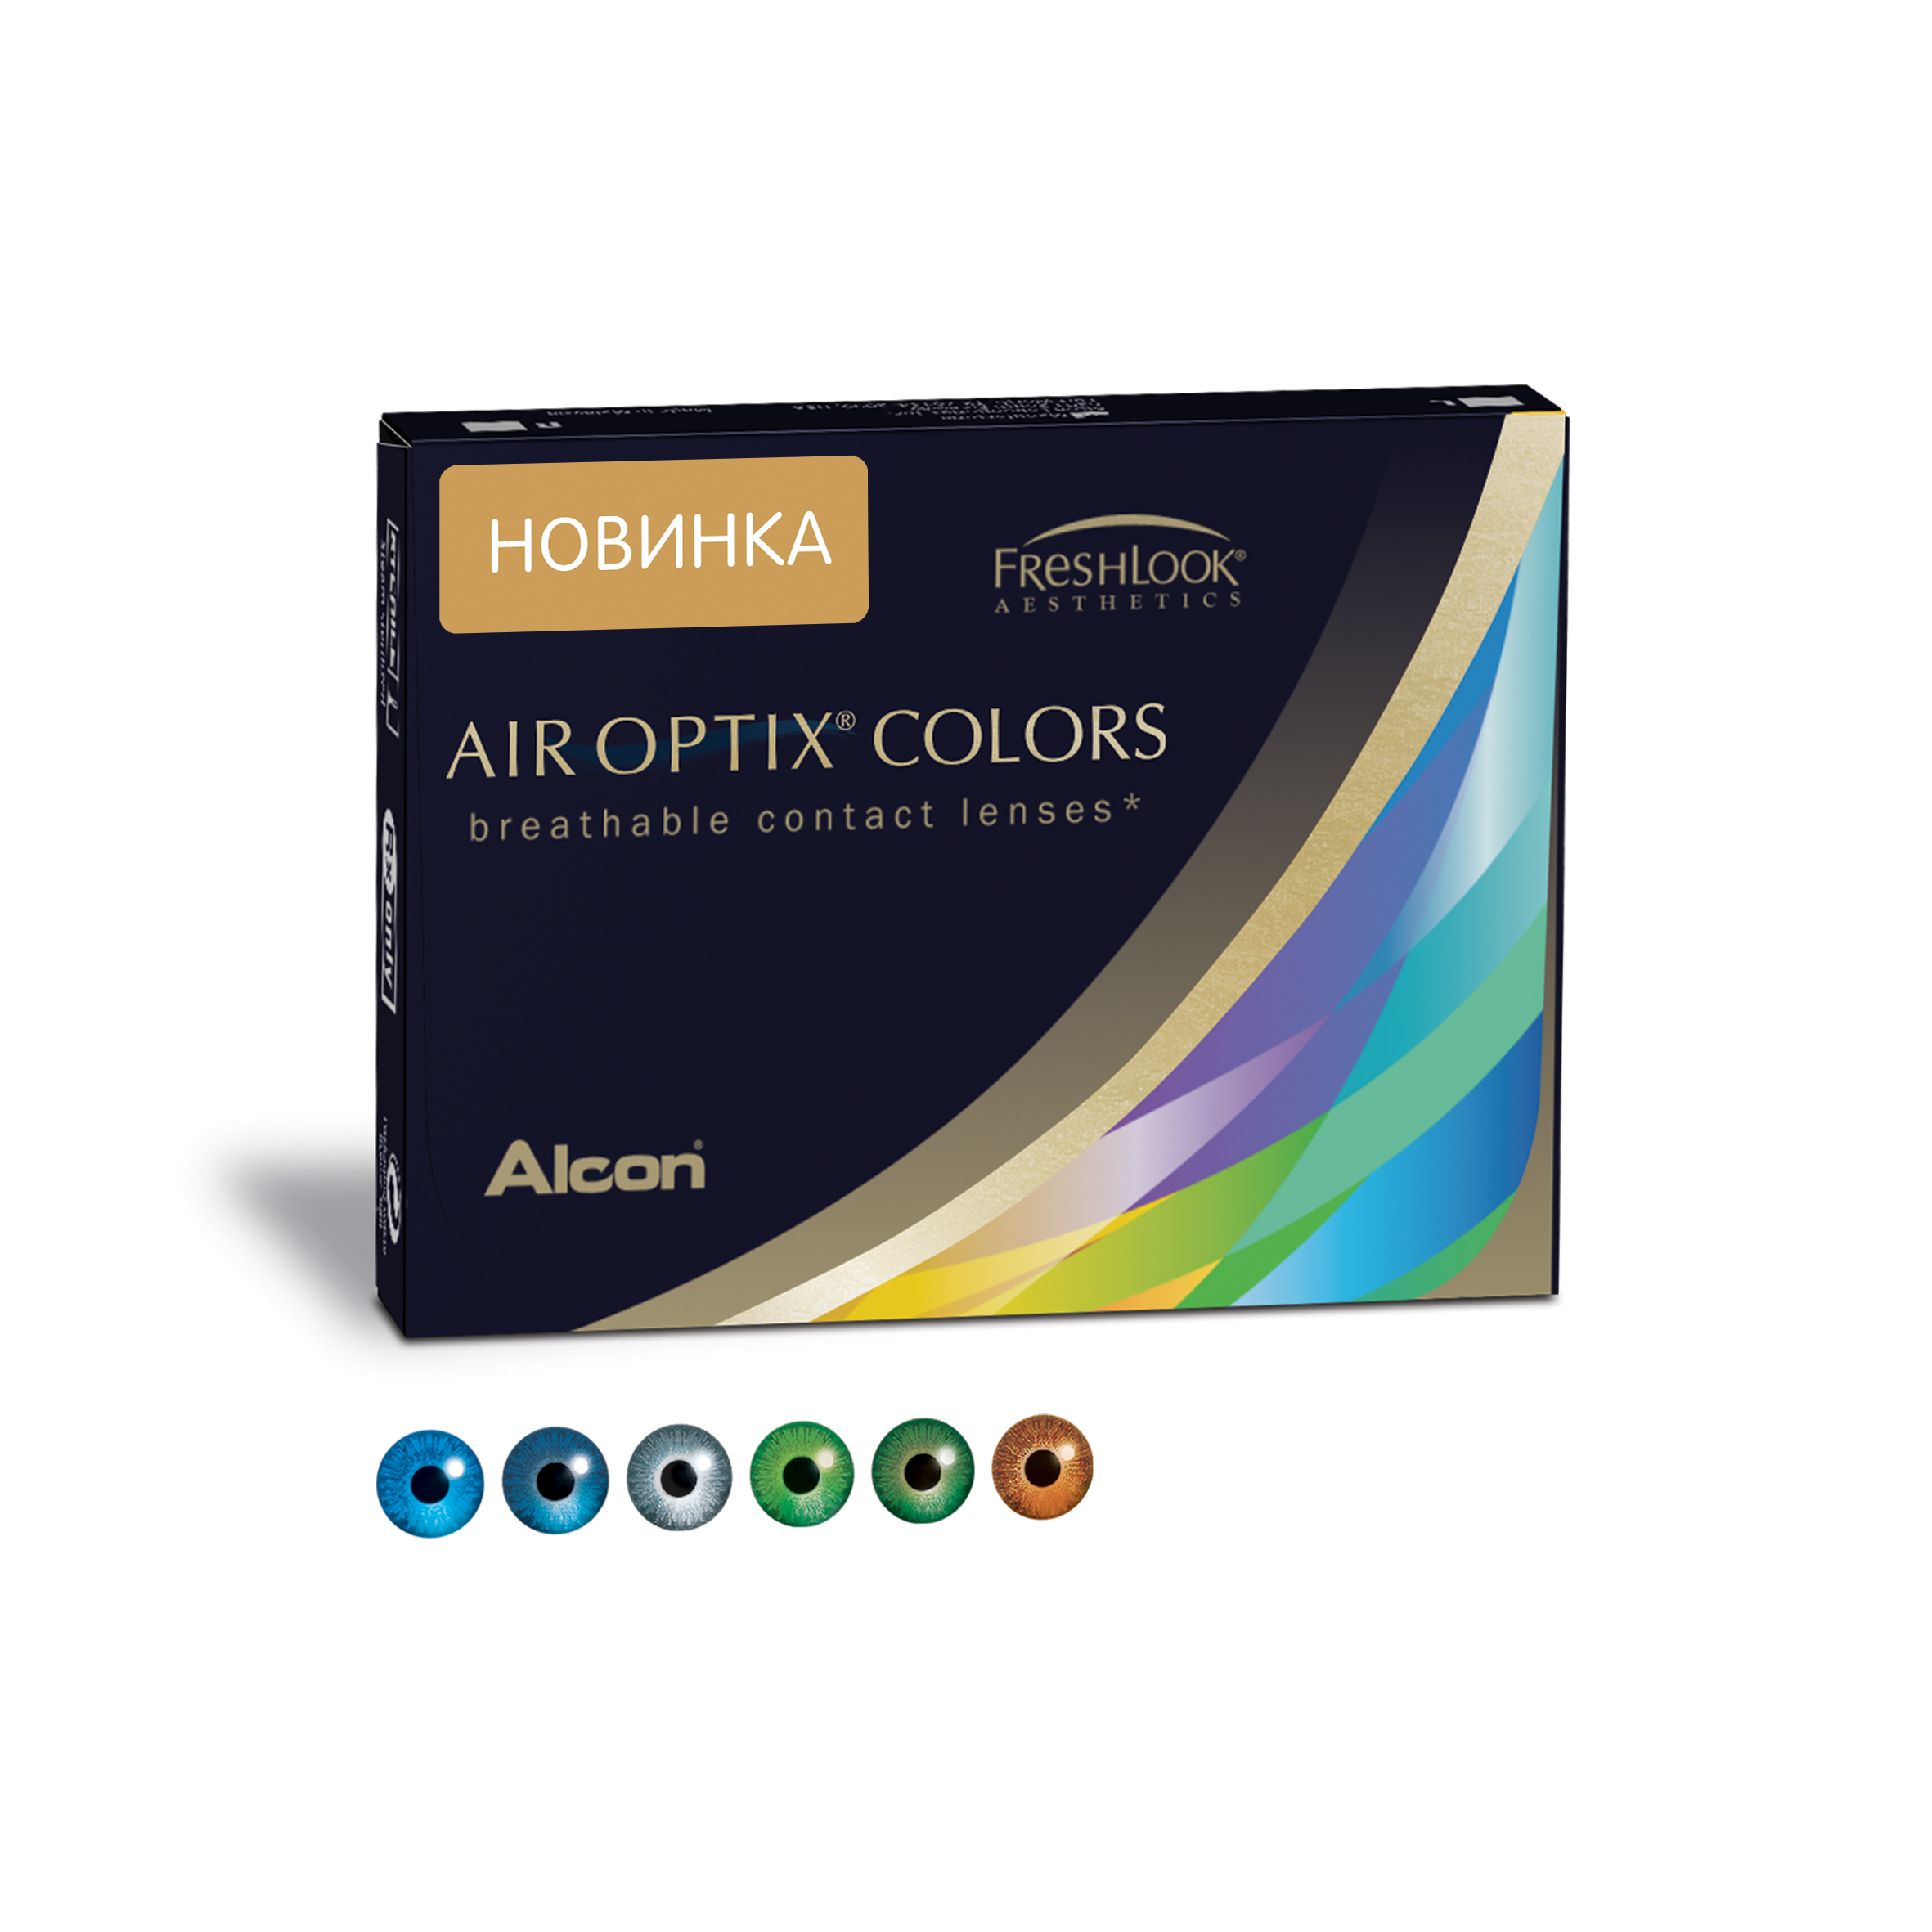 Аlcon контактные линзы Air Optix Colors 2 шт -7.00 Honey, Alcon